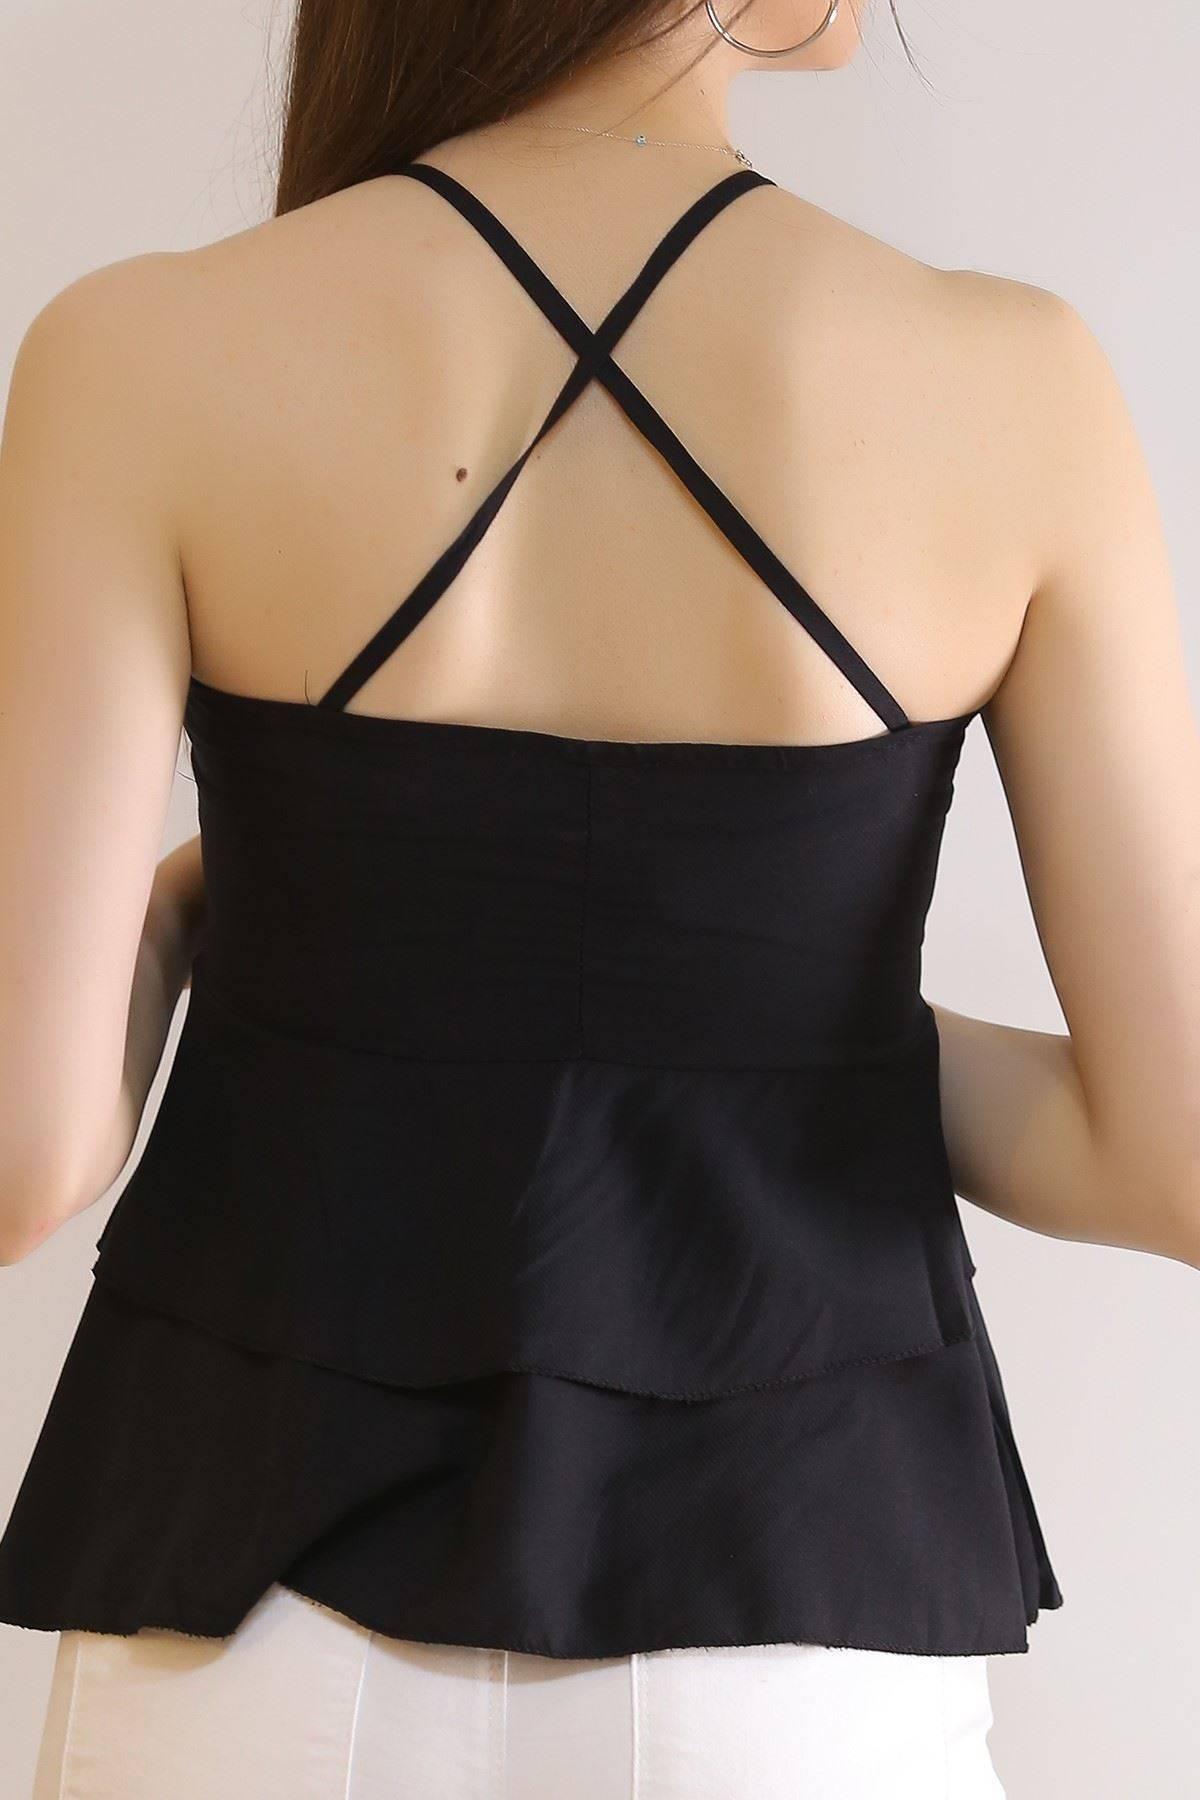 Çapraz Askılı Bluz Siyah - 6080.1153.